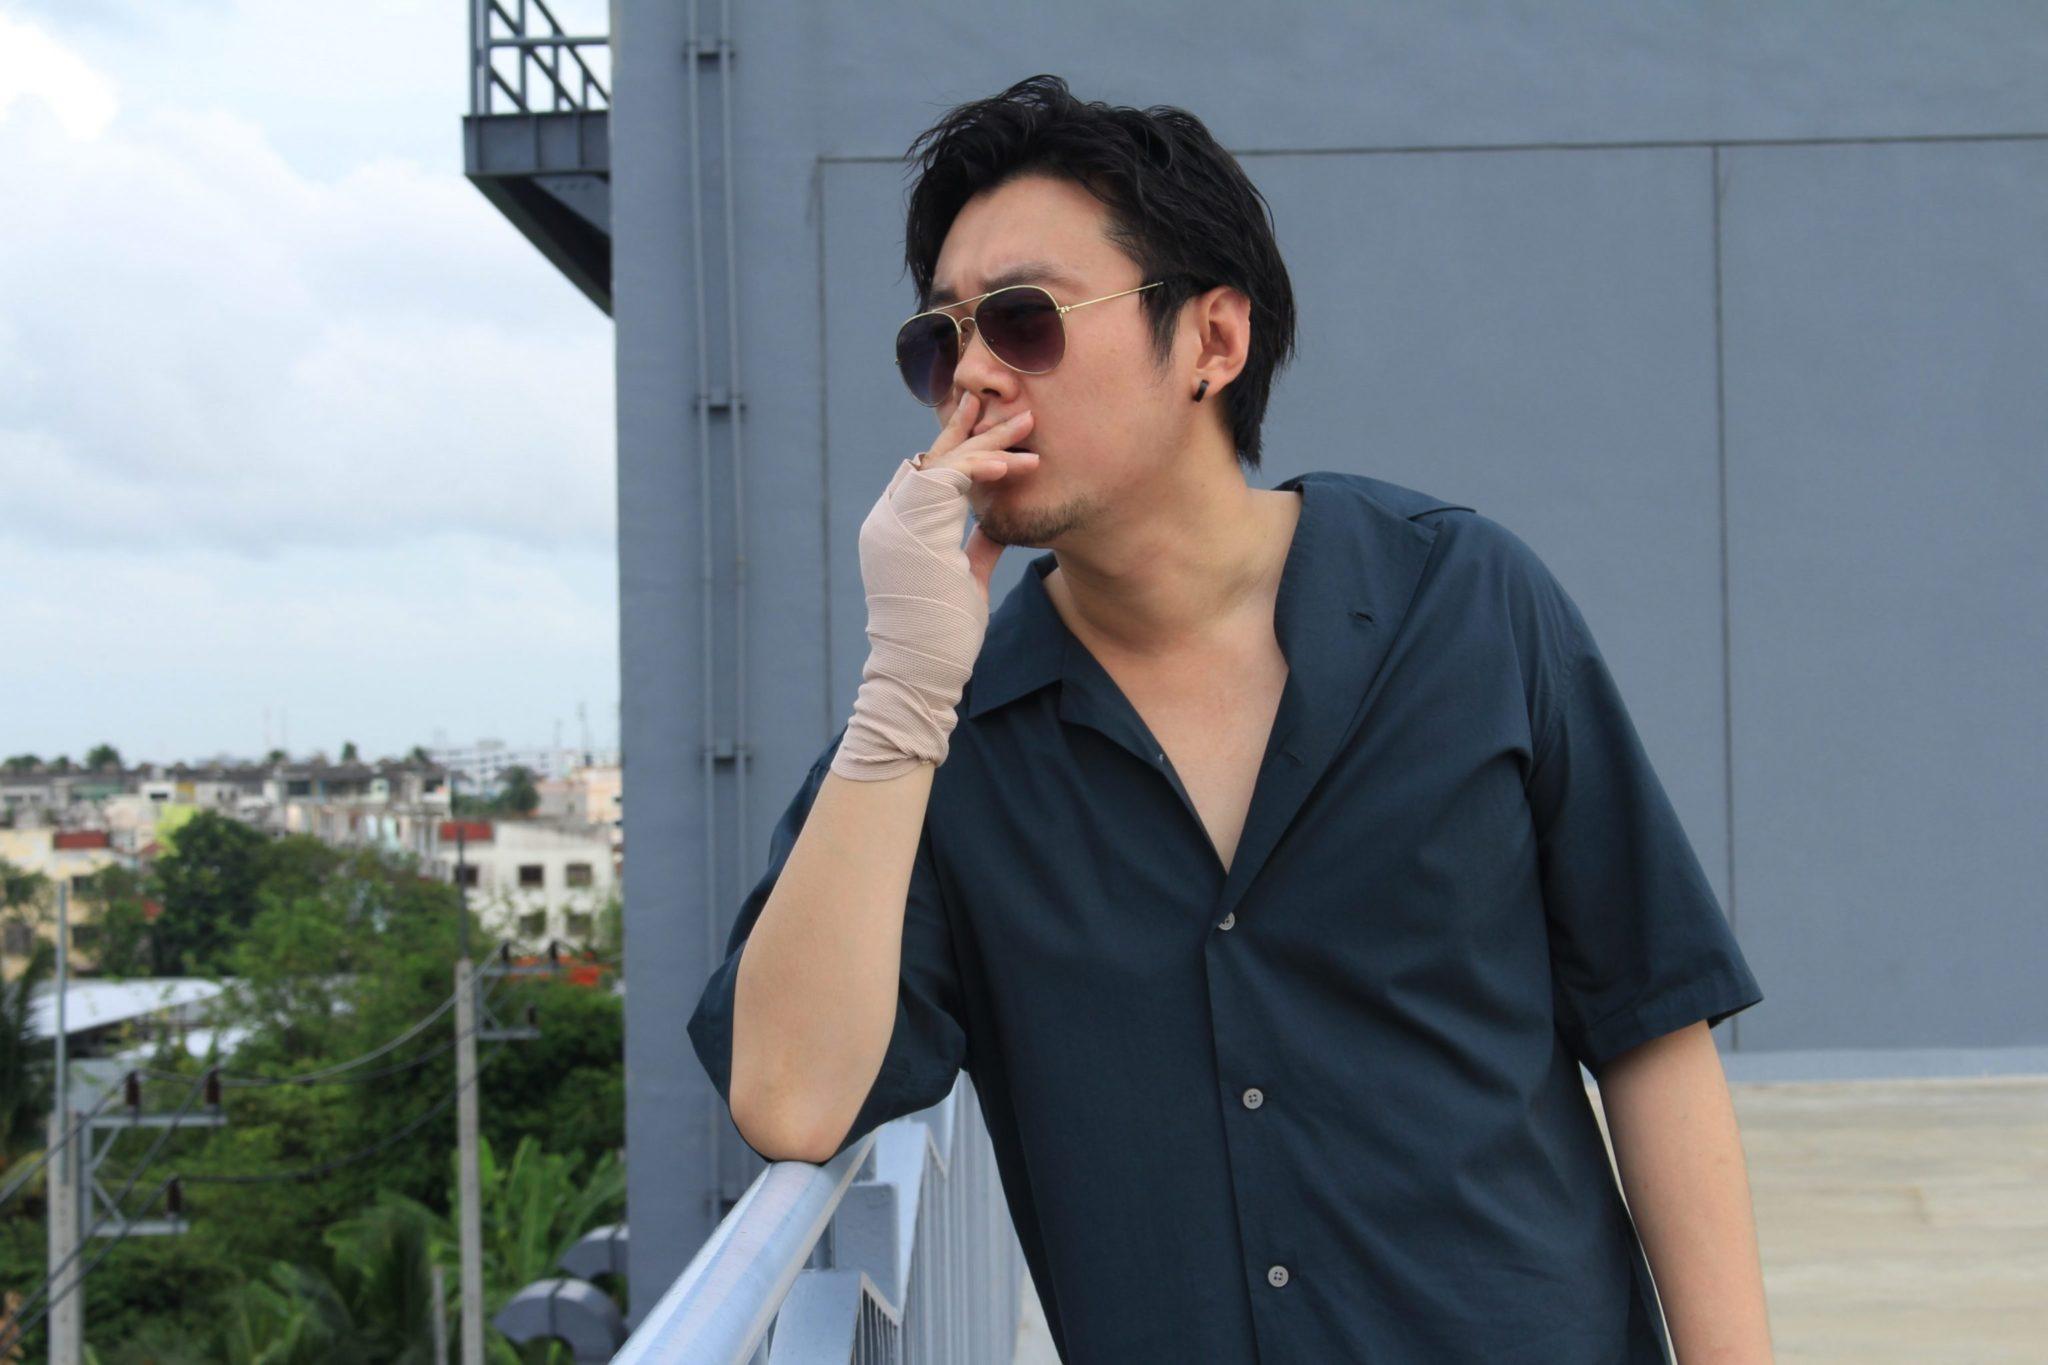 """Boyz Chu Chu เปิดตัวผลงานเพลงใหม่ ในชื่อเพลงอันแปลกประหลาดว่า """"จักรวาลในแขนเสื้อ"""" 13 -"""